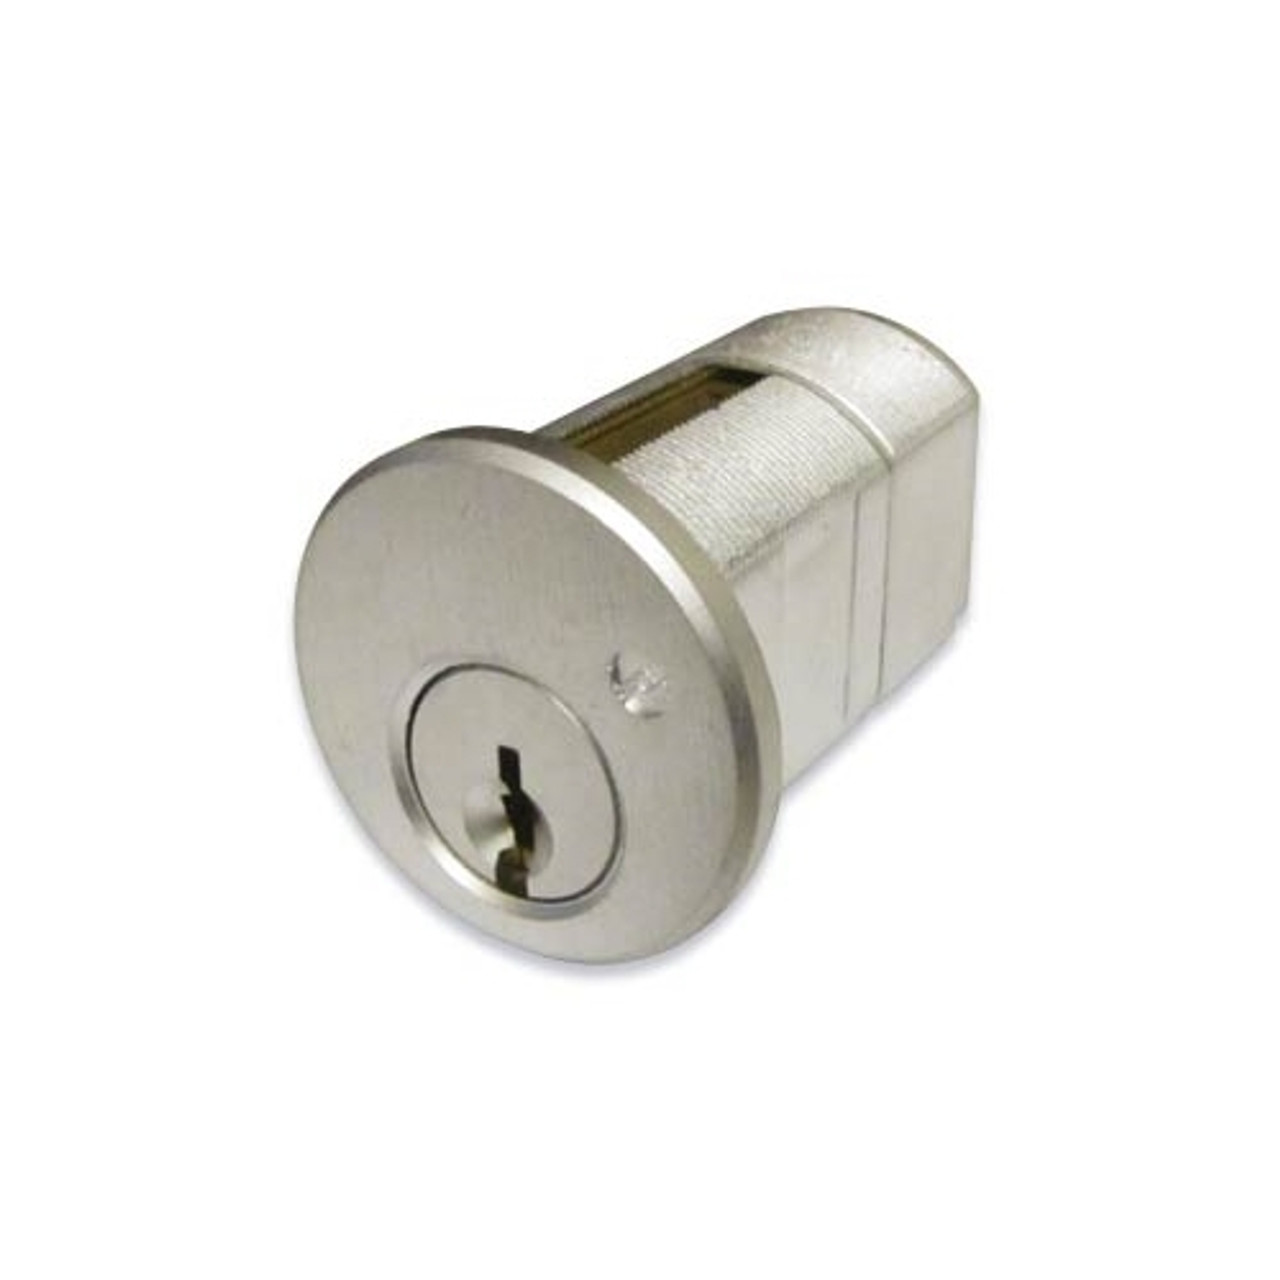 Olympus 820sc 26dlc 1 1 8 Quot Cam Lock Less Cylinder